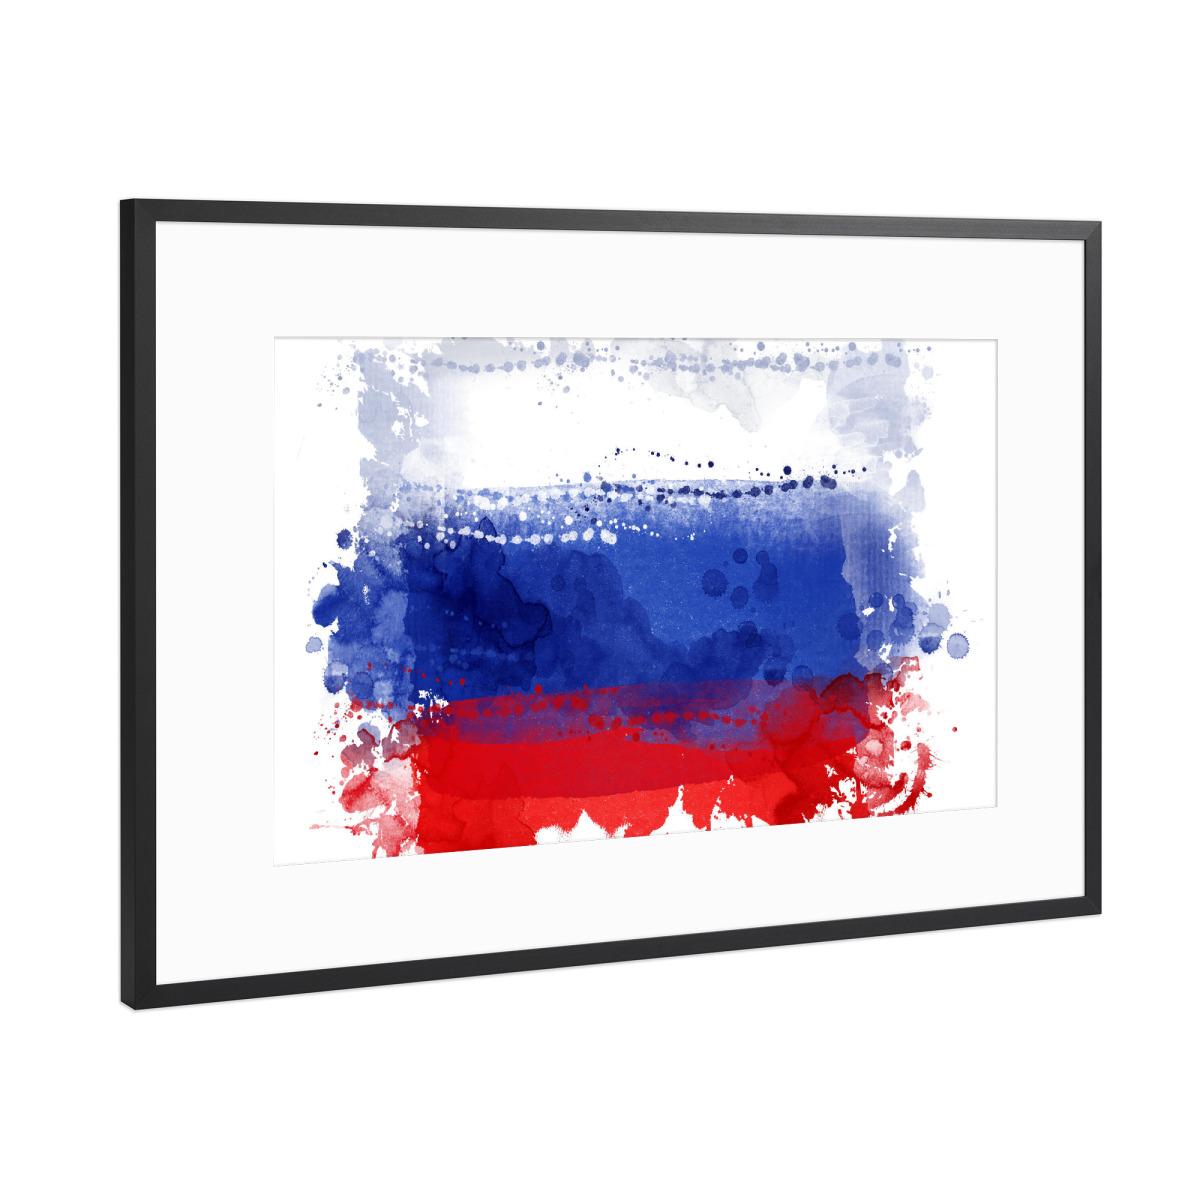 Flagge Russland als Gerahmt bei artboxONE kaufen